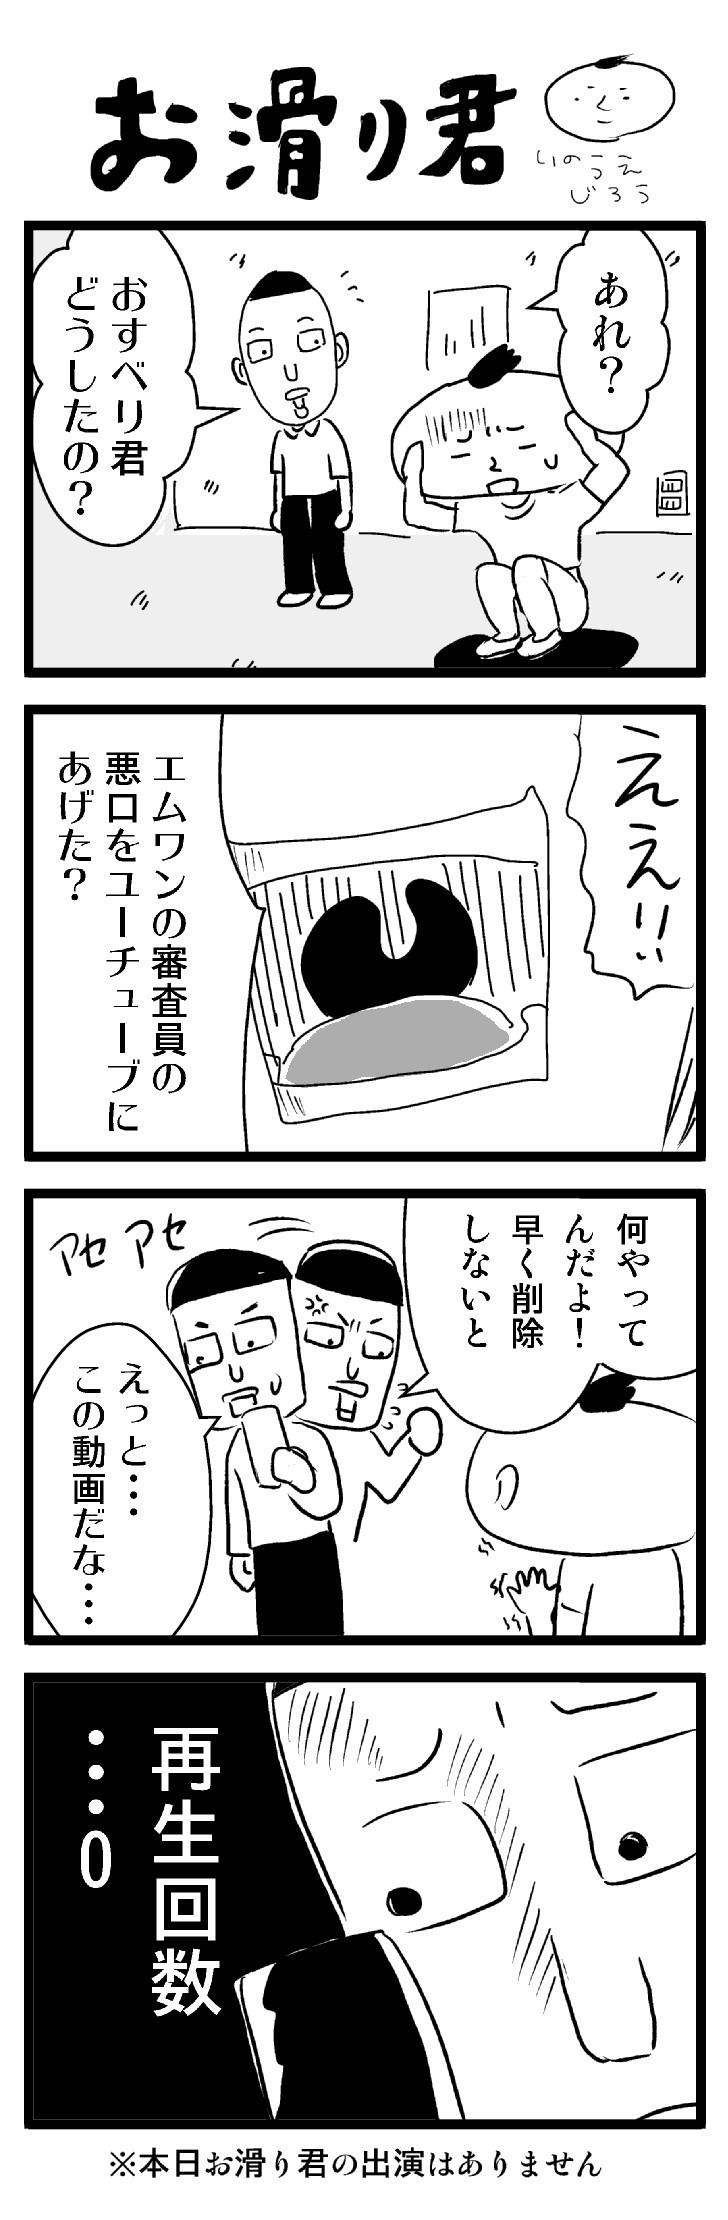 おすべり君2